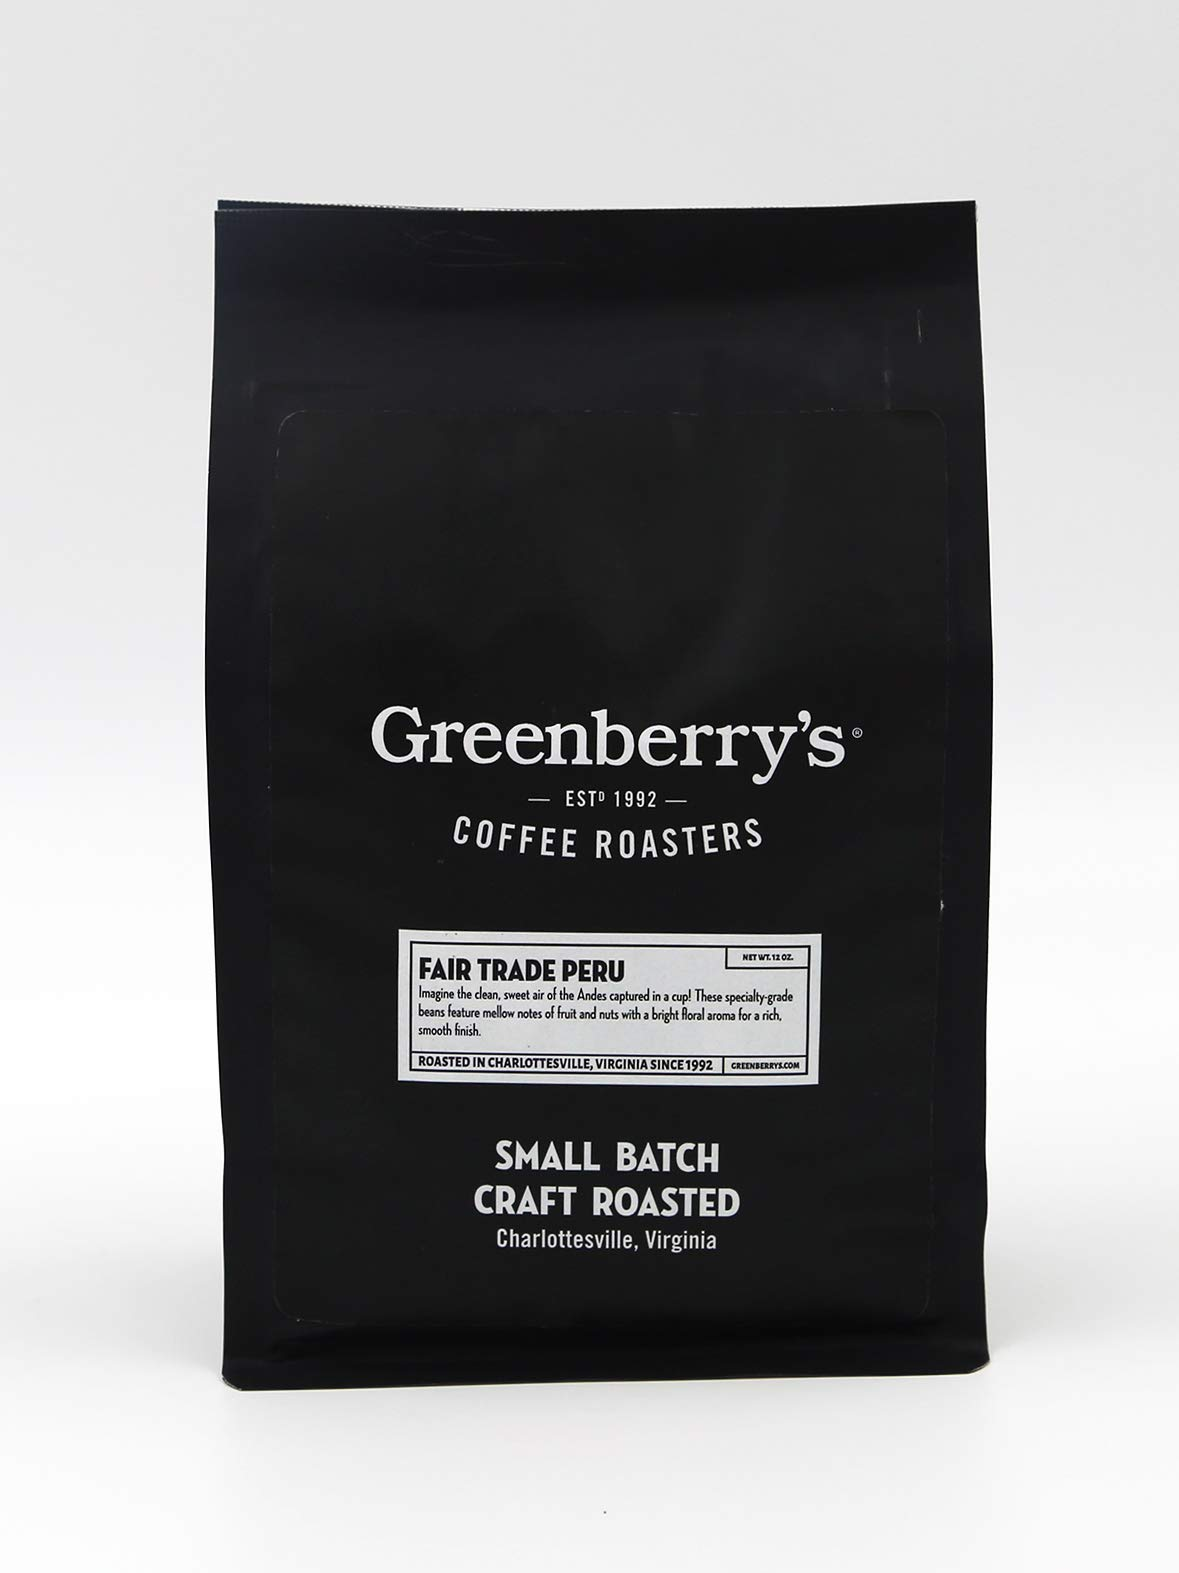 Greenberry's Coffee Co. - Fair Trade Peru Whole Bean - Bold, Fresh, 100% Arabica, Medium Roast Beans, 12 oz